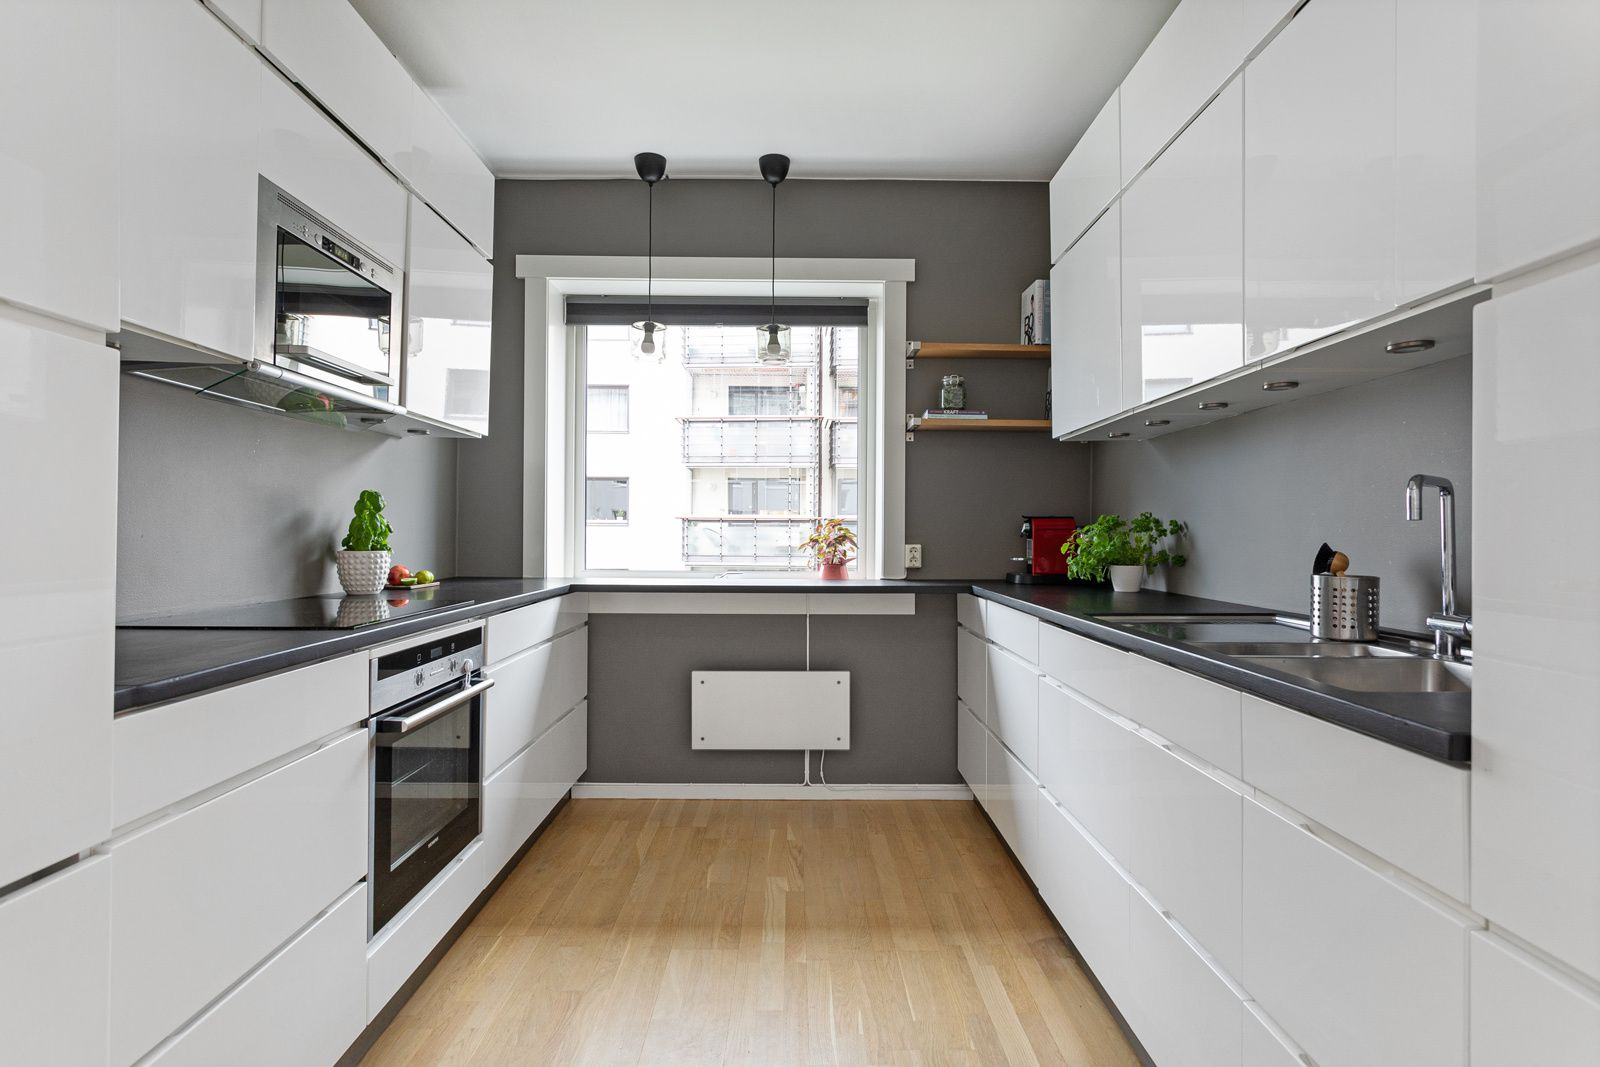 Ålesundgata 3 B Leiligheten har et lyst og fint separat kjøkken med stor vindusflate hvor du har en koselig sitteplass.